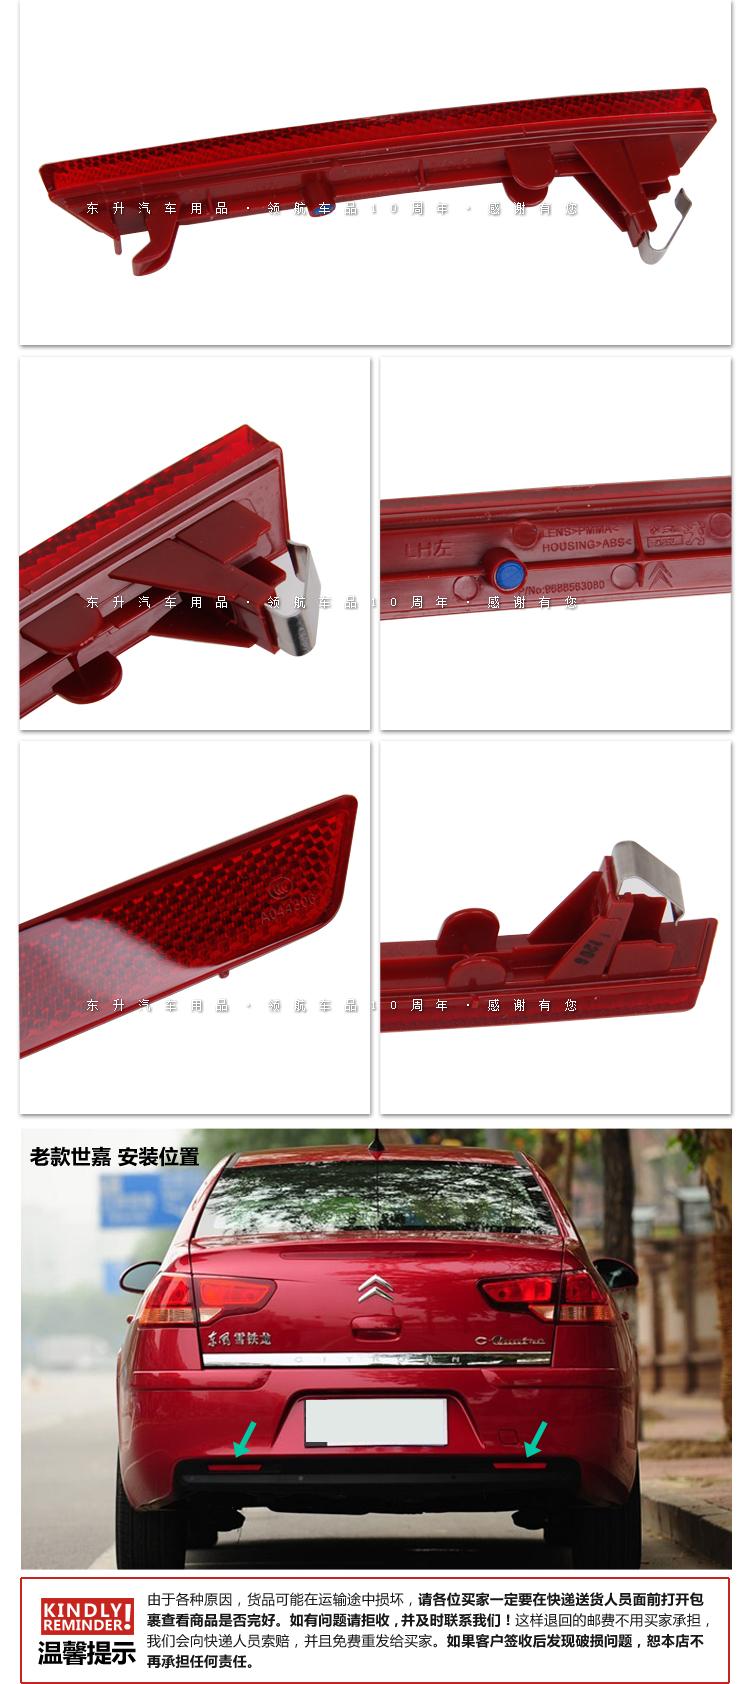 лампа Sega Dongfeng Citroen седан знак 308 оригинальные задние бампера задний бампер фары отражение отражение